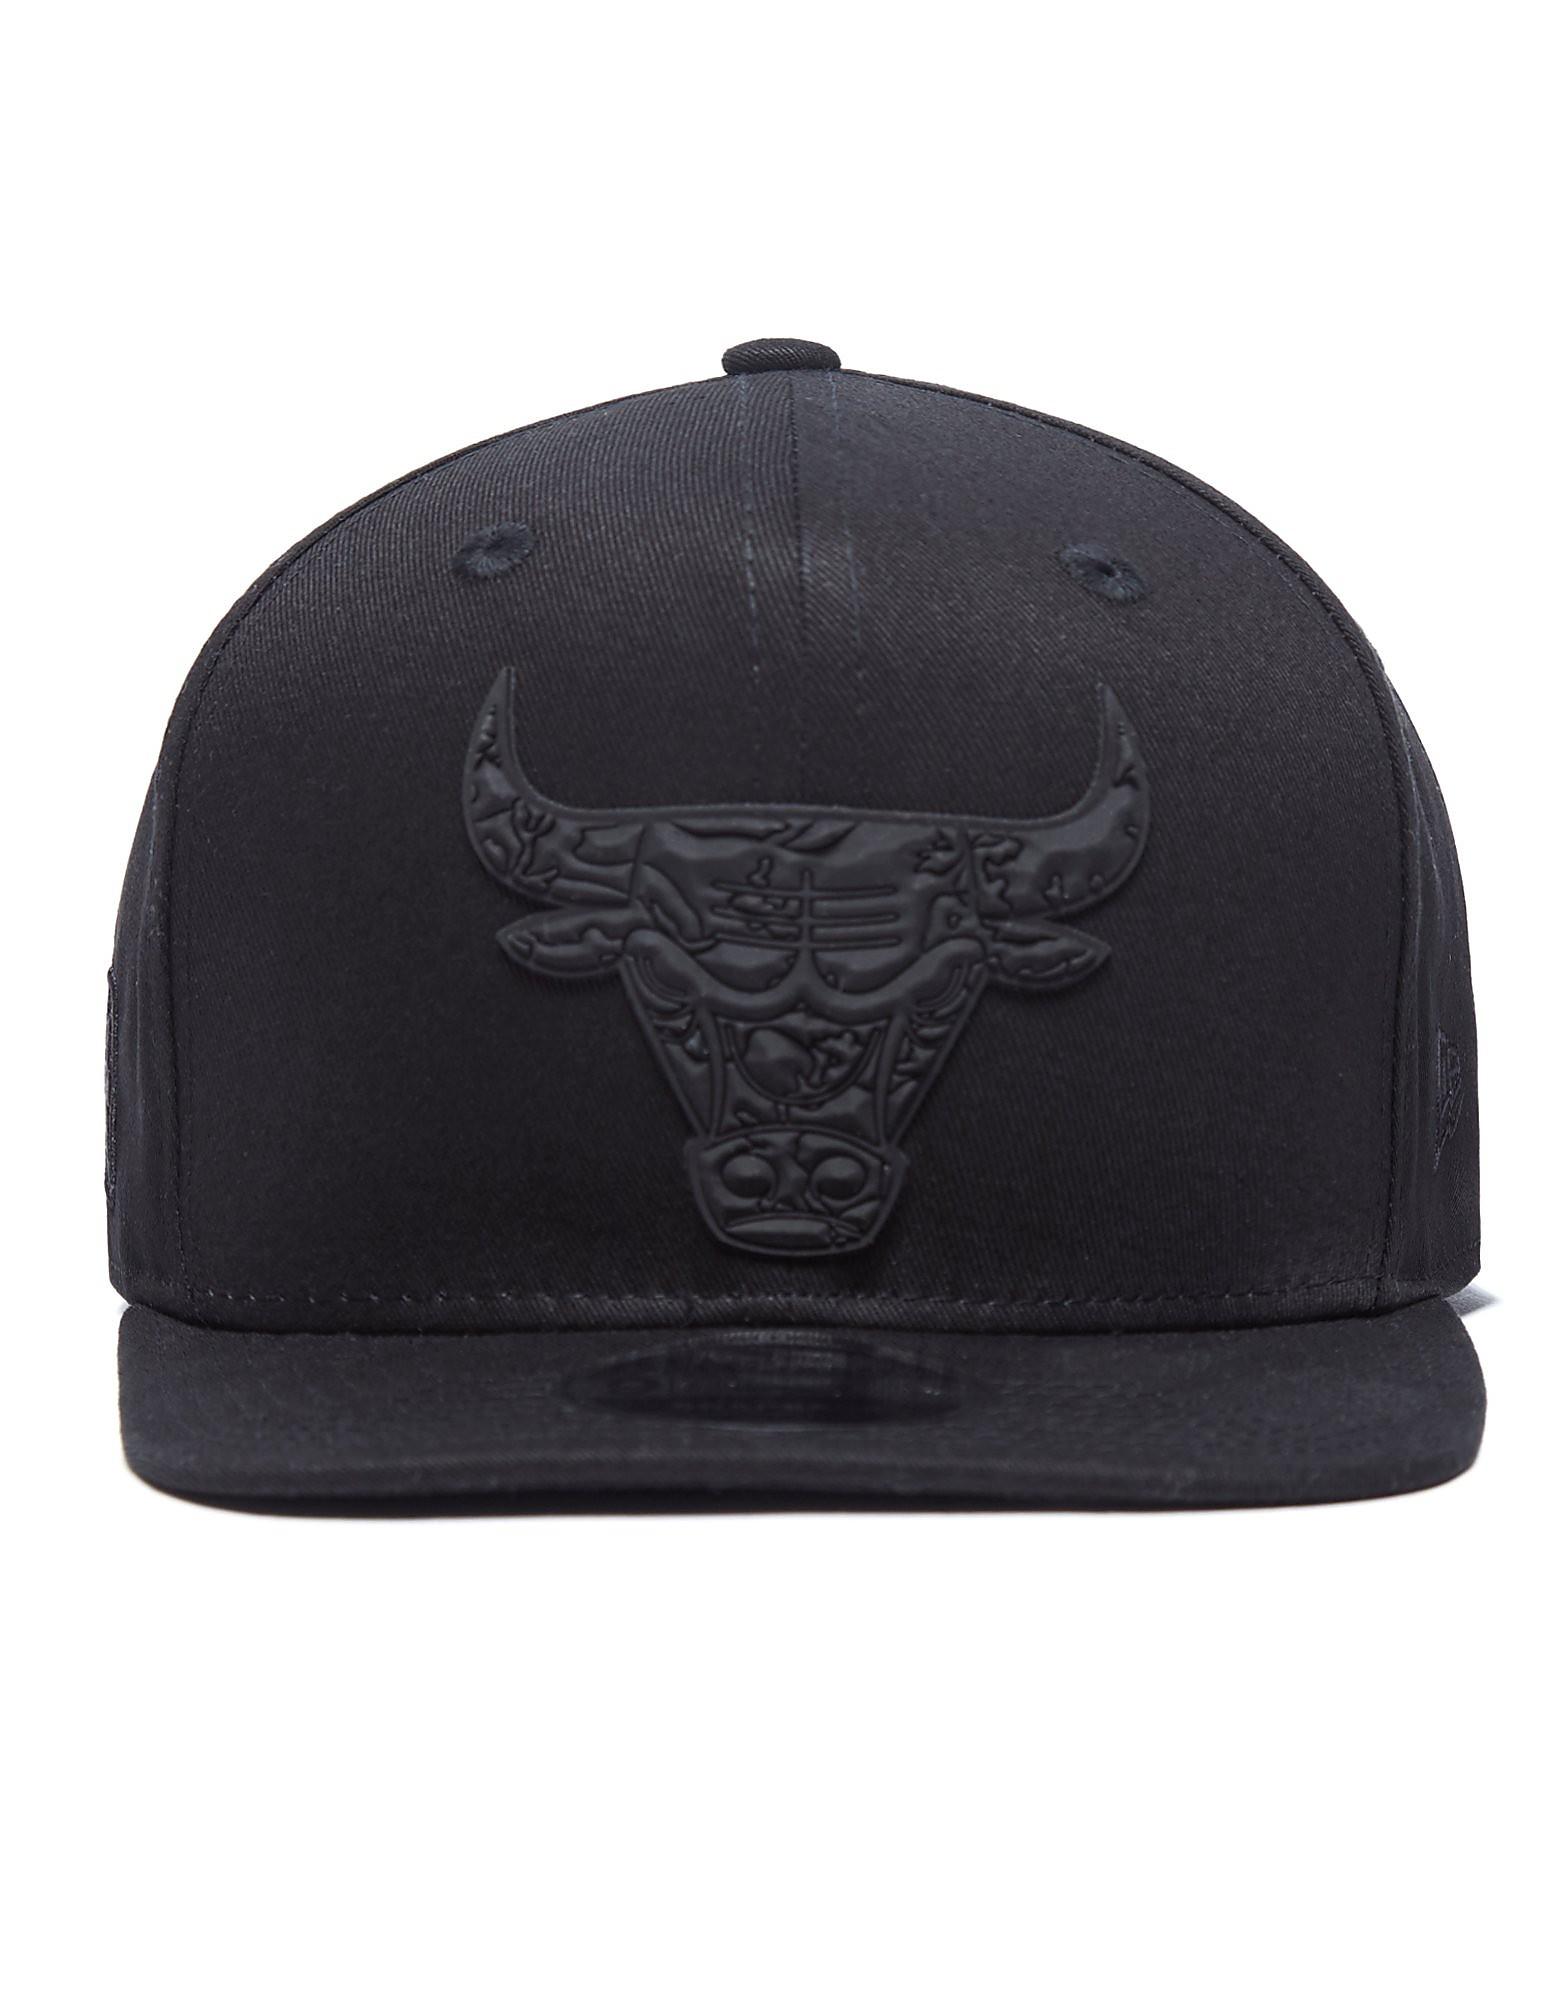 New Era NBA Chicago Bulls 9FIFTY Snapback Cap